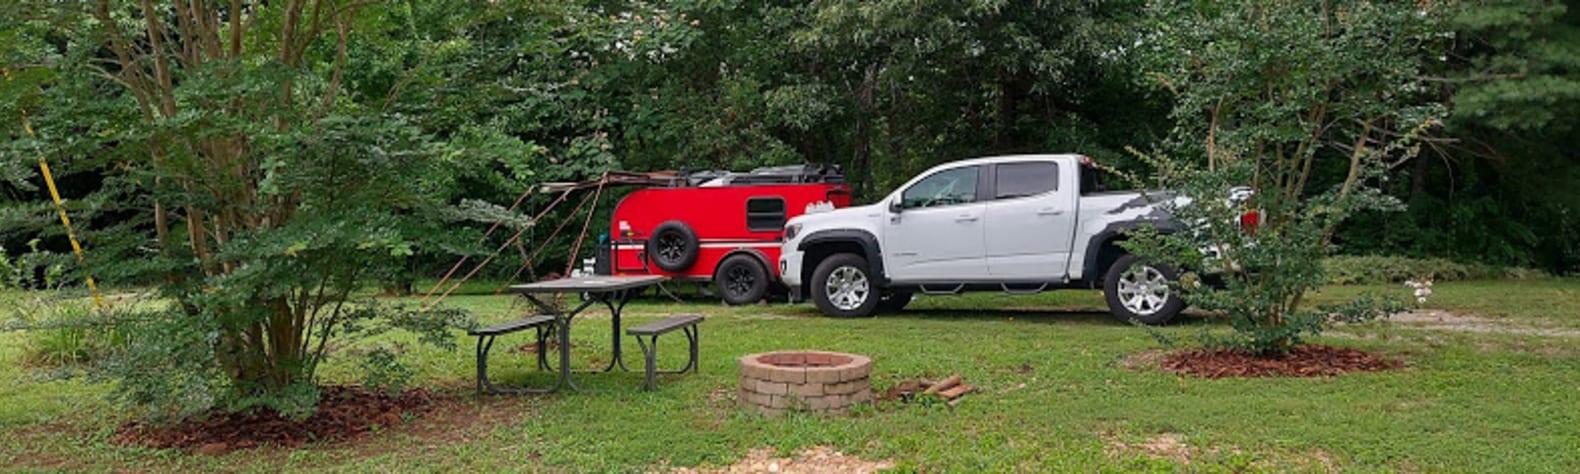 Eden Oaks Vineyard & Campground